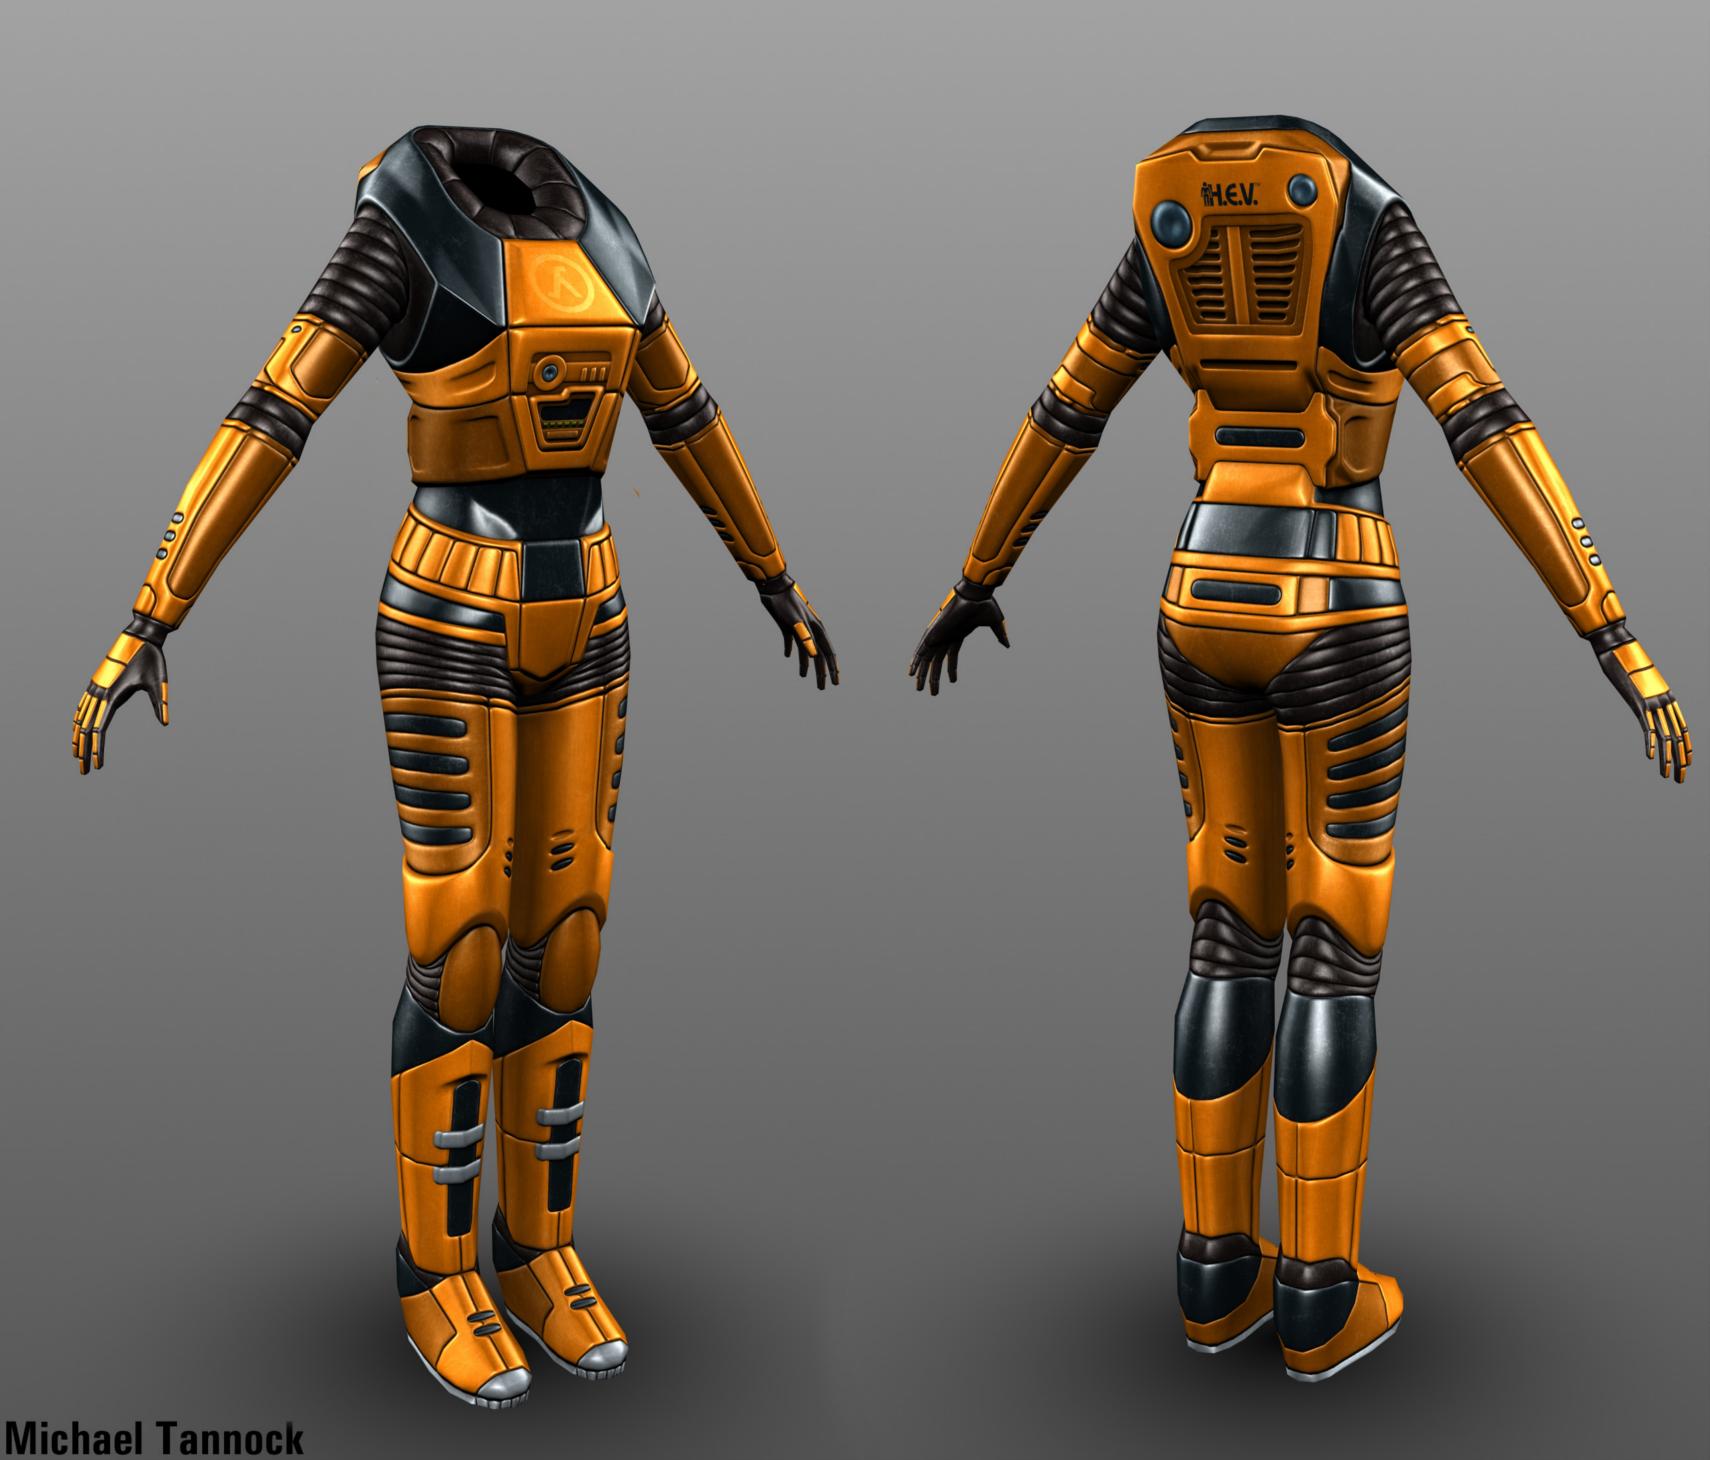 Female HEV Suit imag…